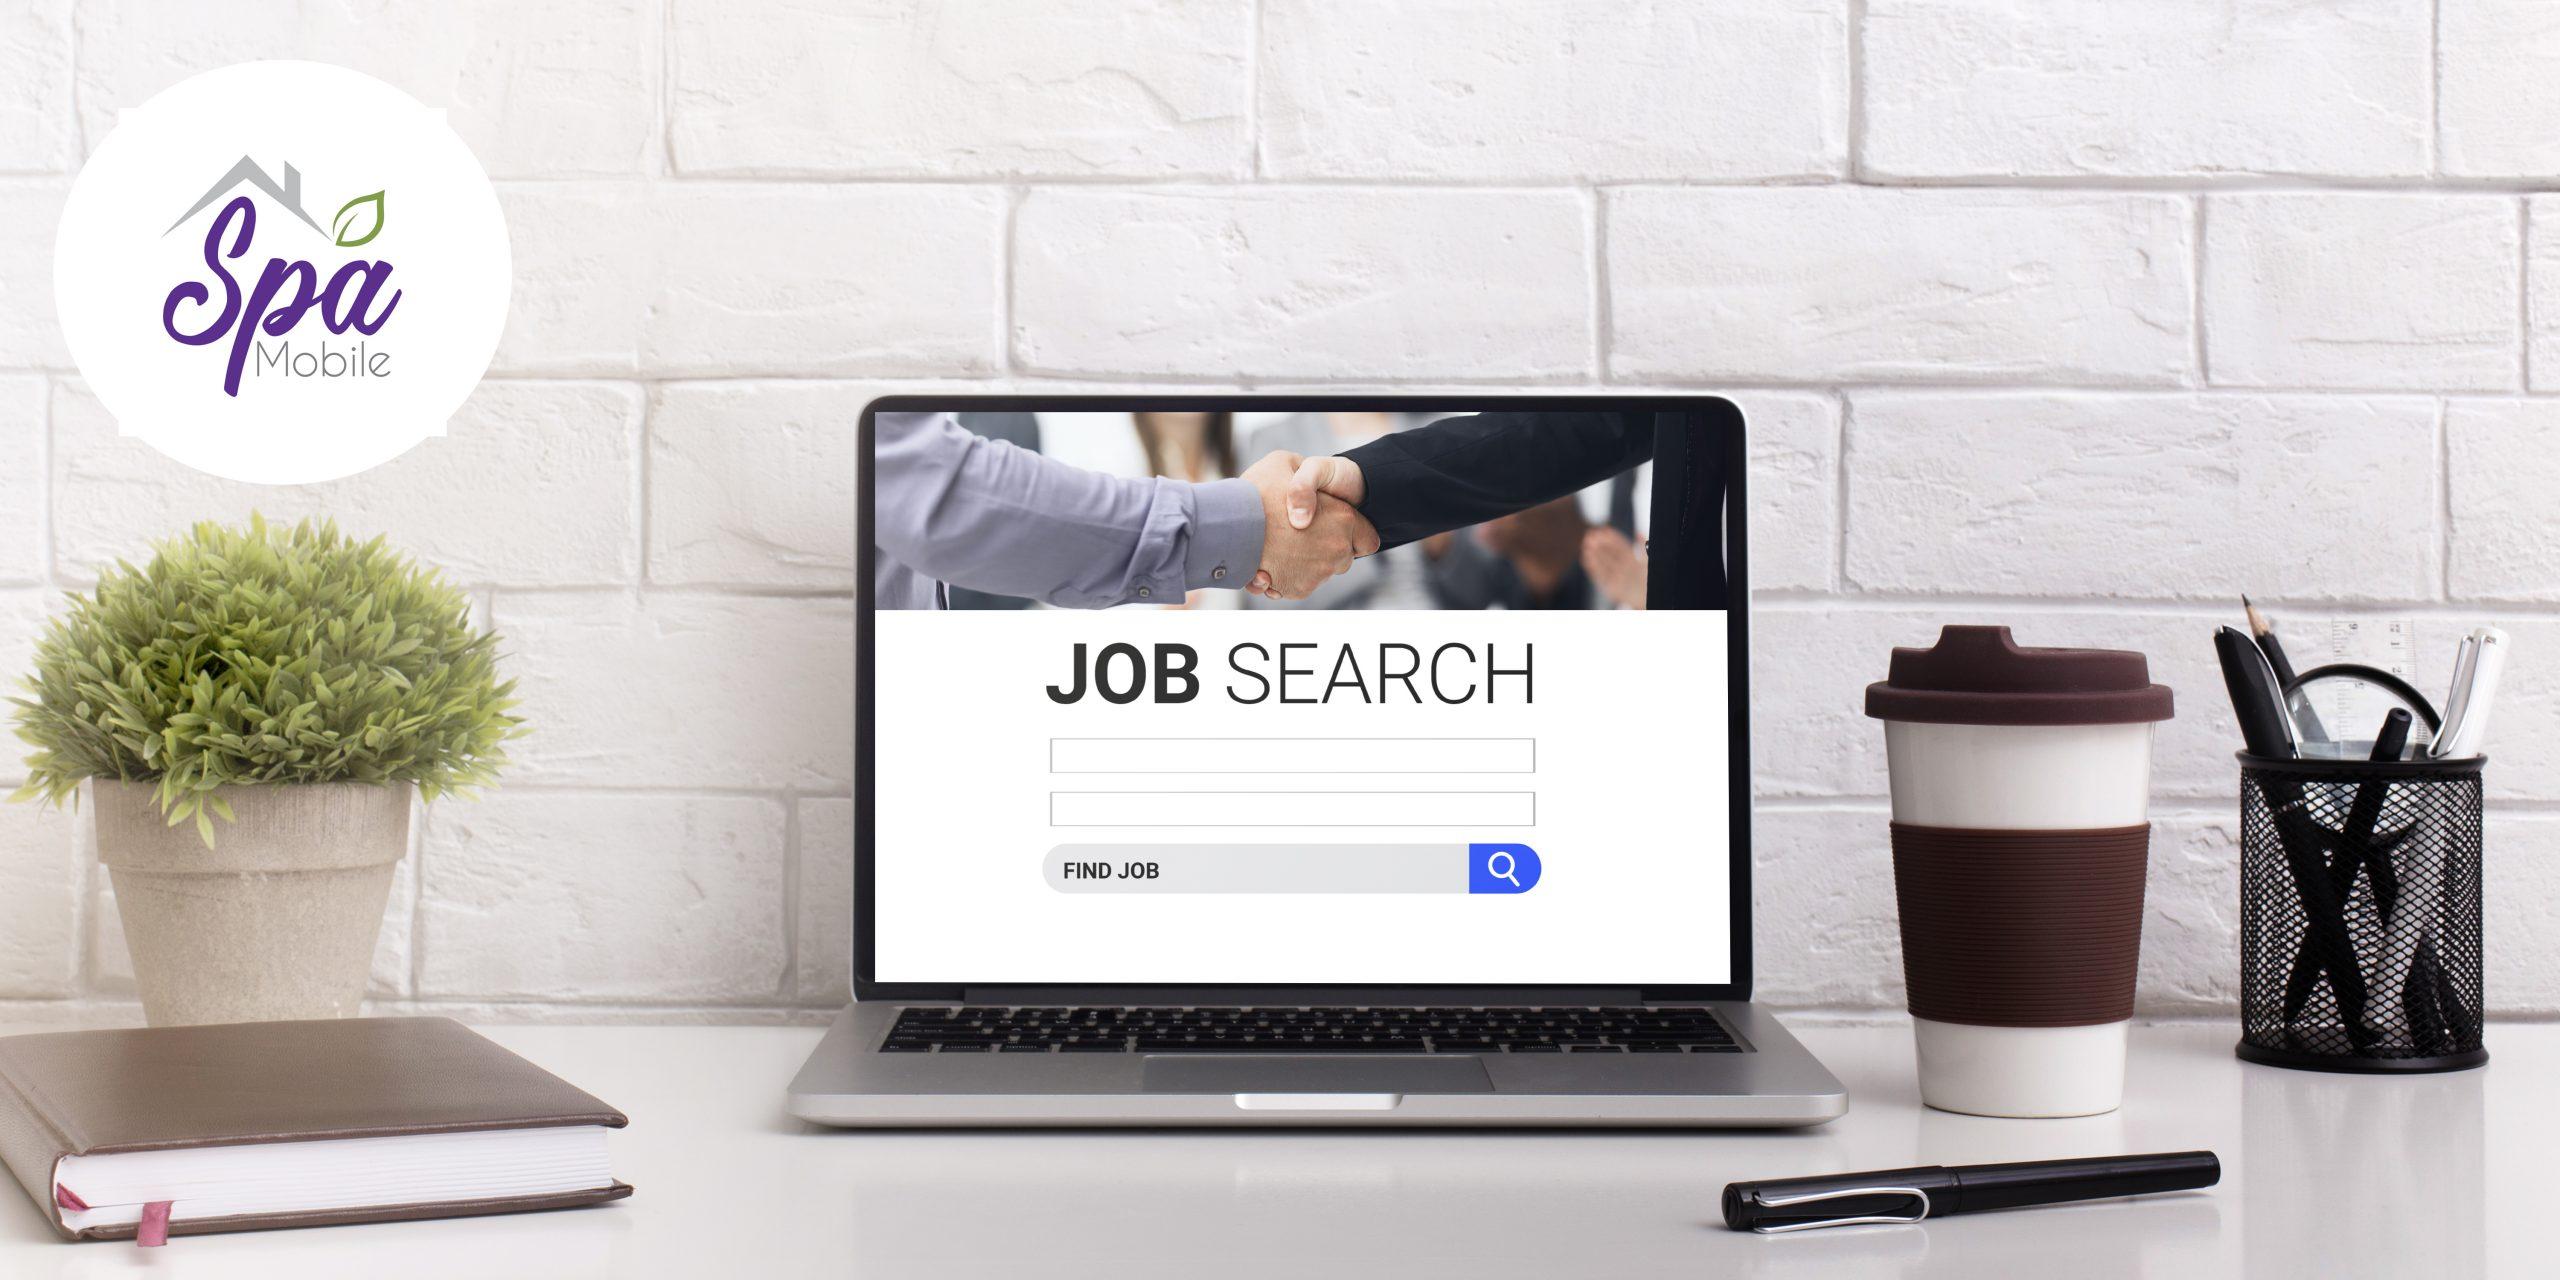 pc sur le bureau avec moteur de recherche d'emploi affiché 2B9XS52